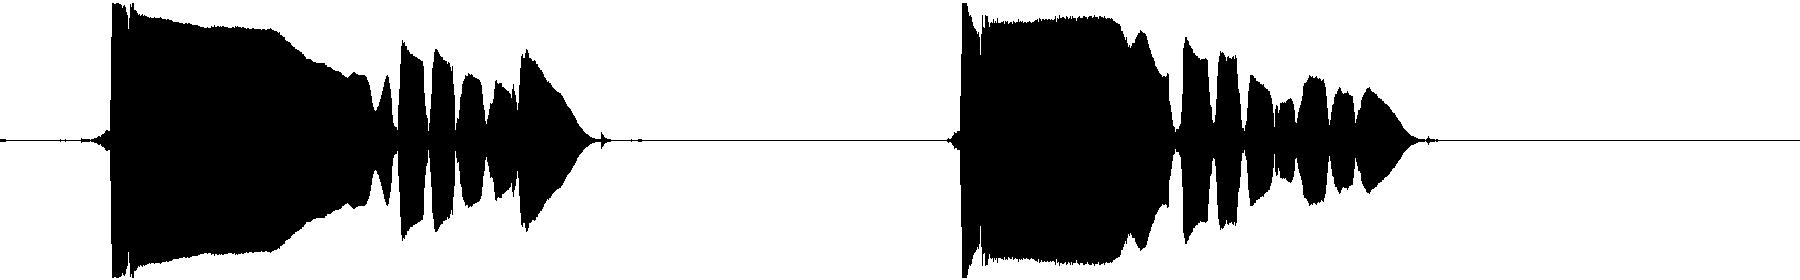 saxsoloc 5